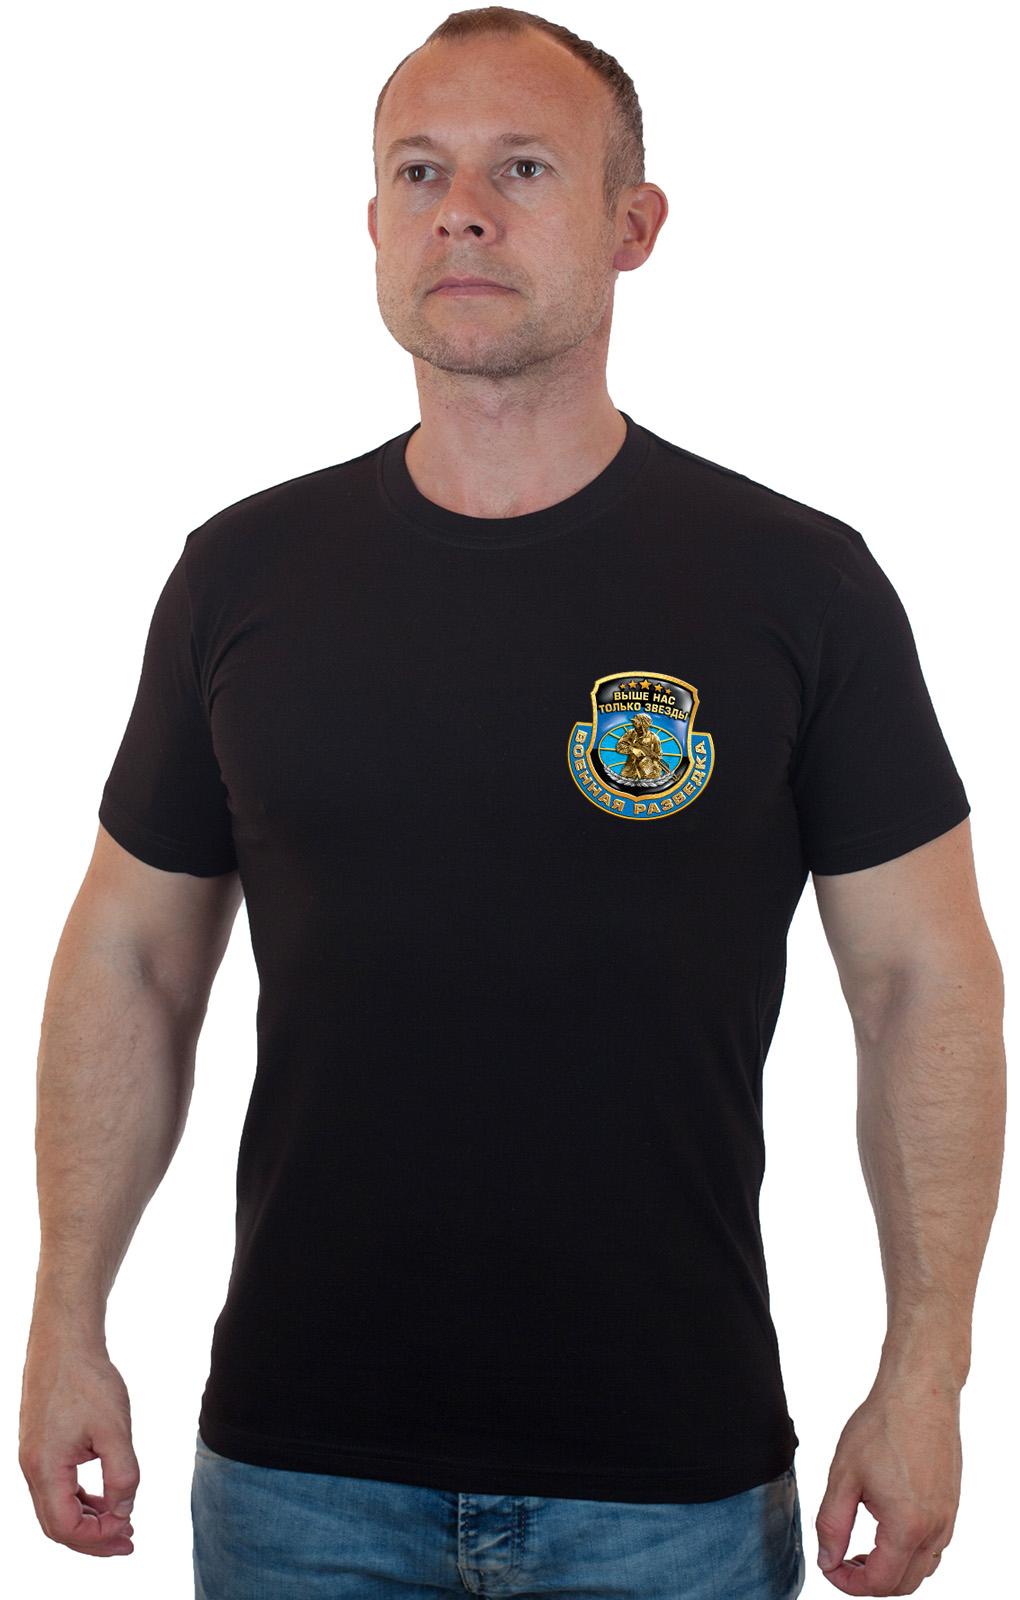 Заказать к 100 летнему юбилею футболку для разведчика по низкой цене